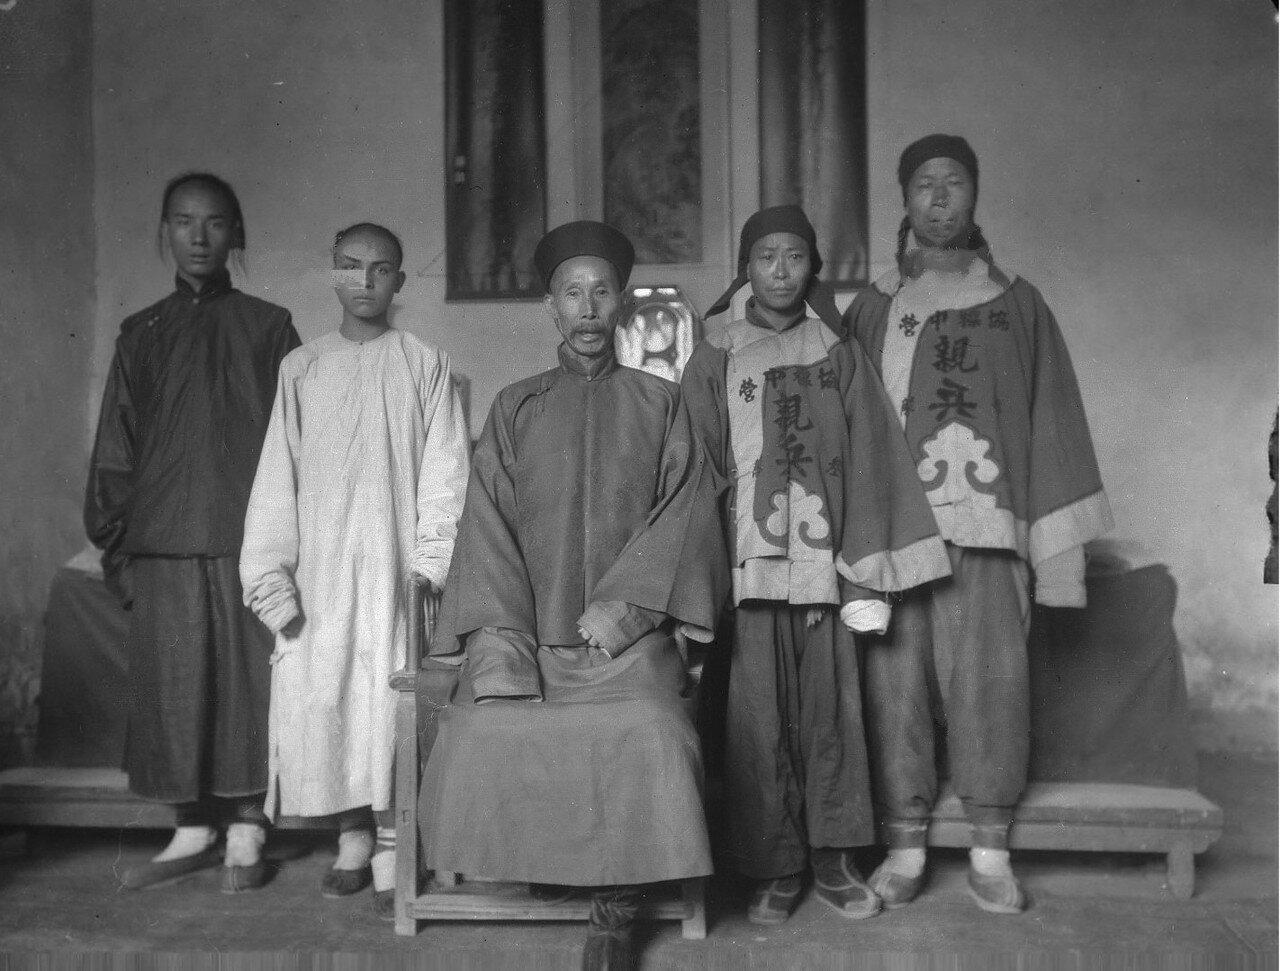 Адъютант чинтая капитан Ю в окружении двух своих слуг и двух китайских пехотинцев